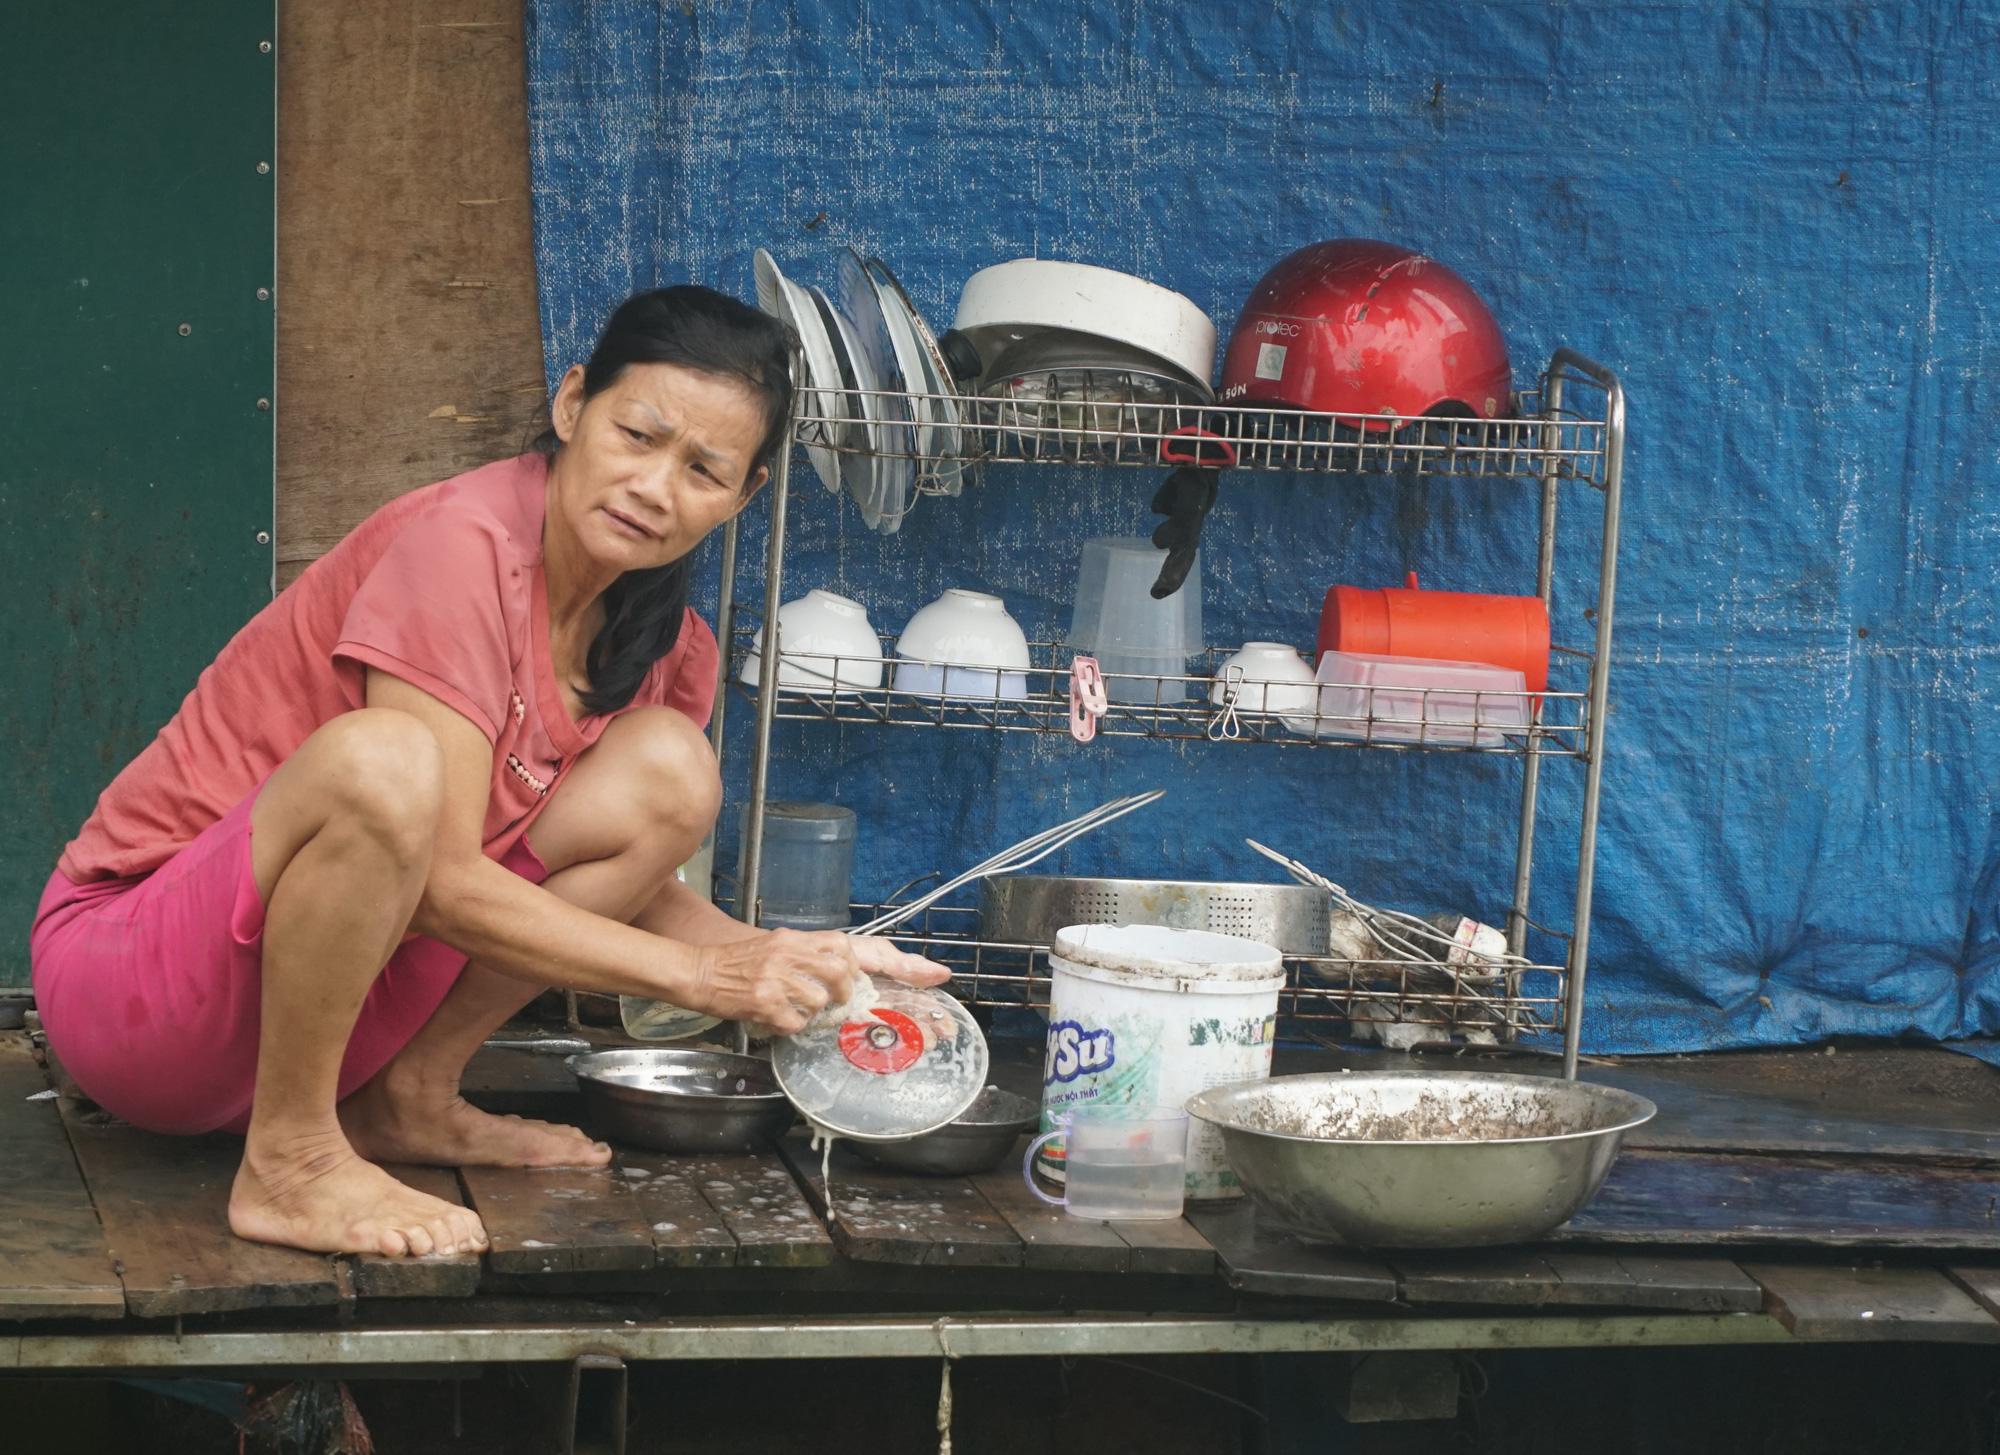 Cuộc sống cùng cực của người dân xóm chài Hà Nội và nỗi lo quy hoạch - Ảnh 2.